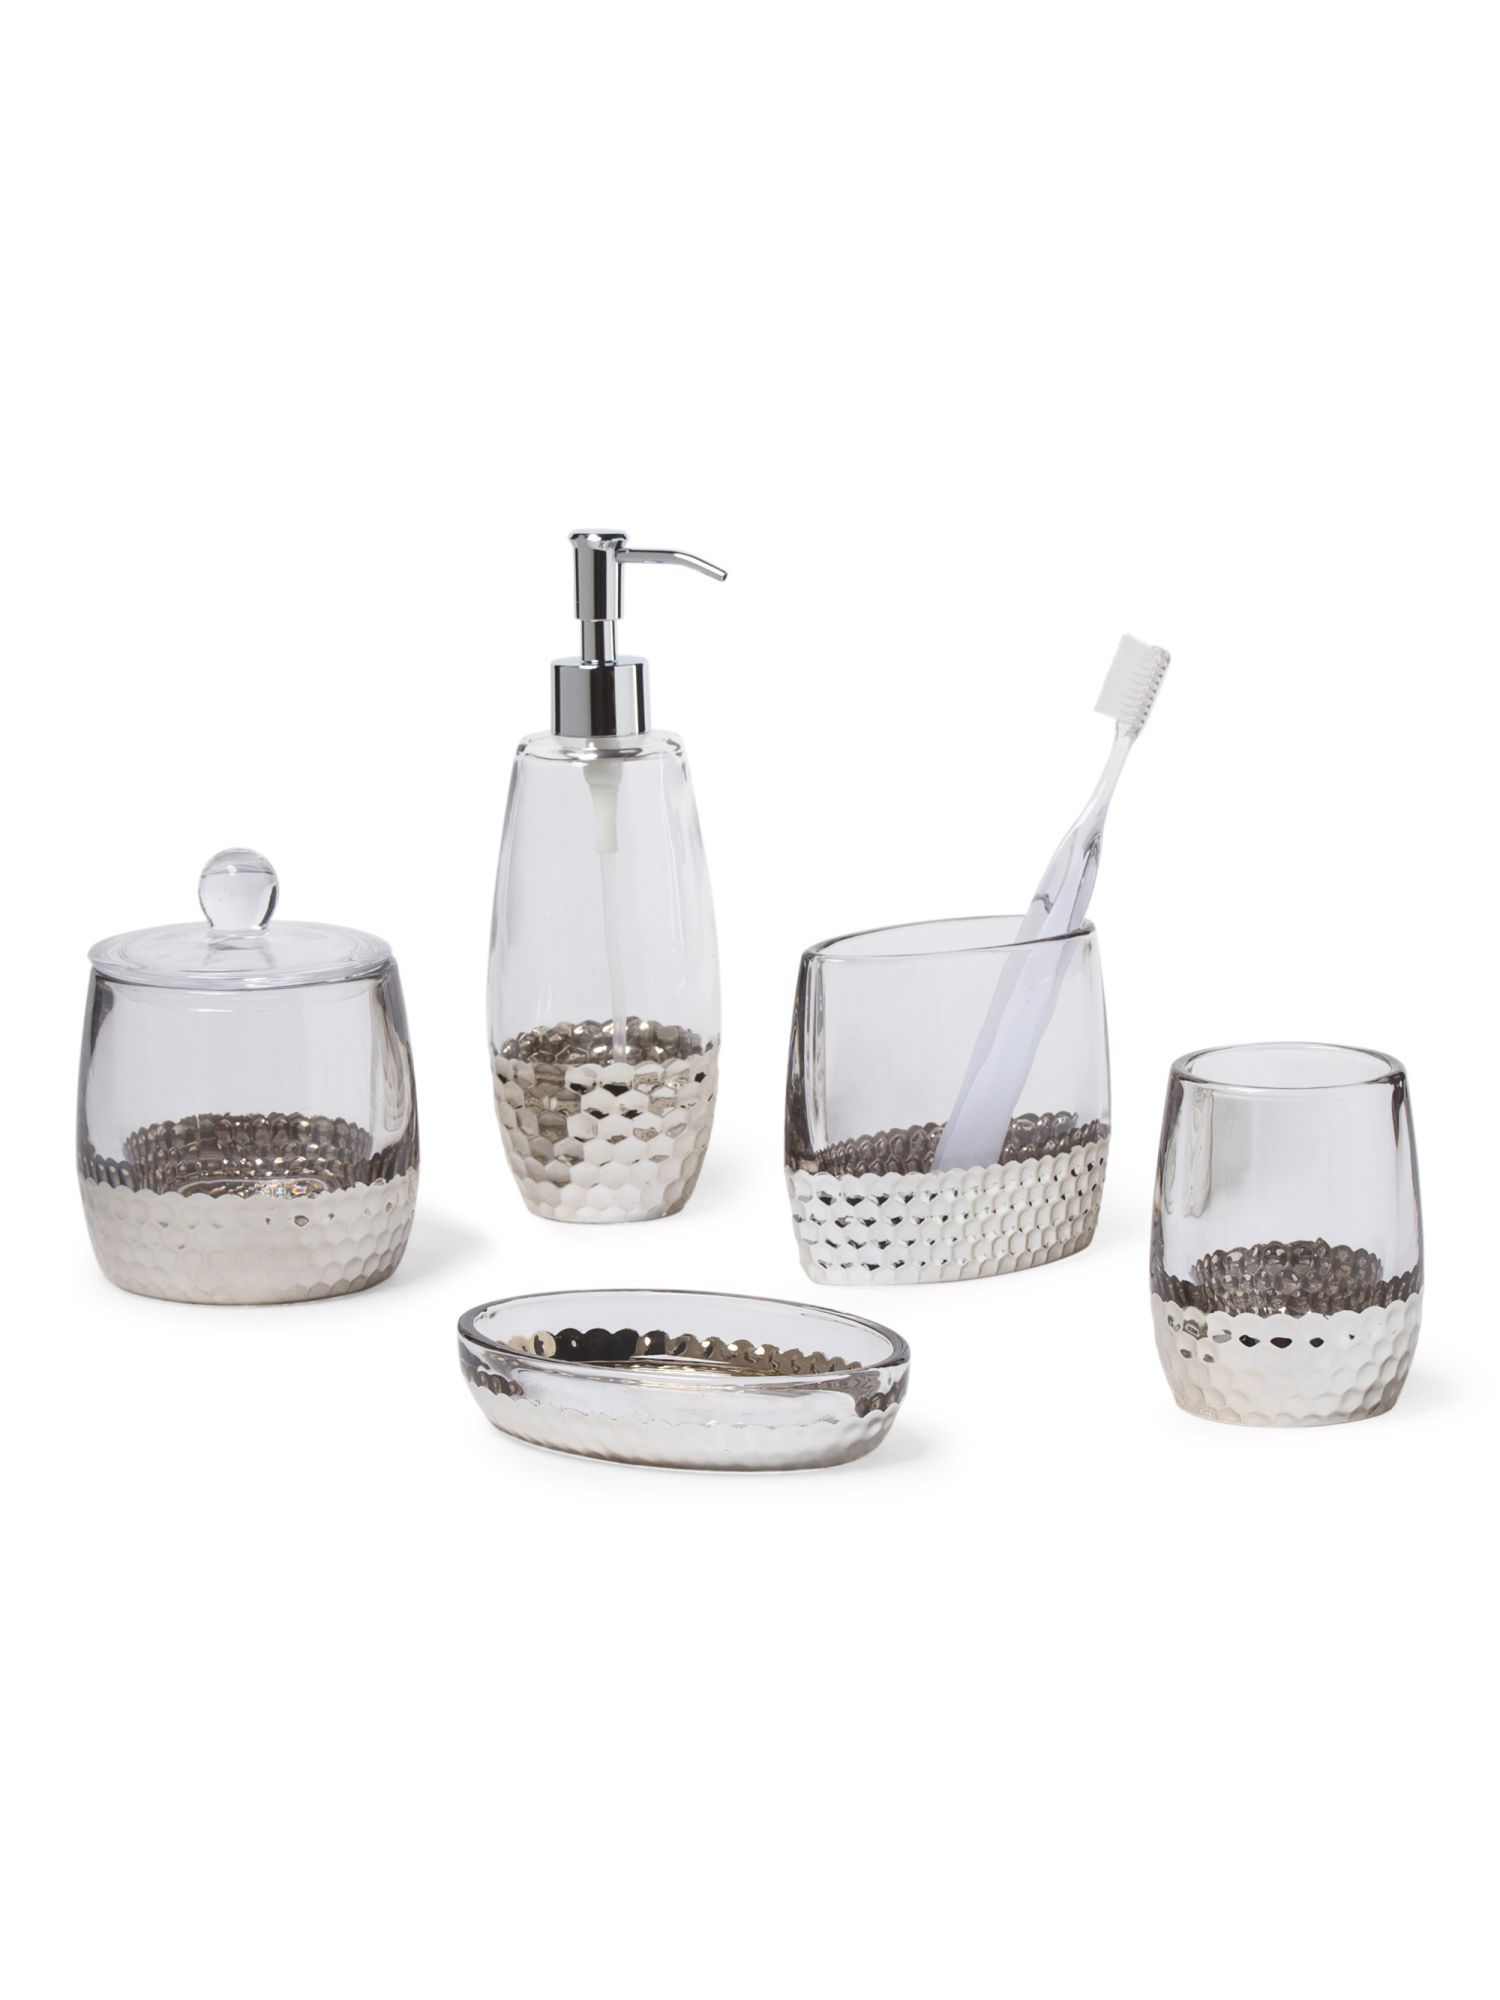 Bella Lux Silver Scallop Bath Collection T J Maxx Our